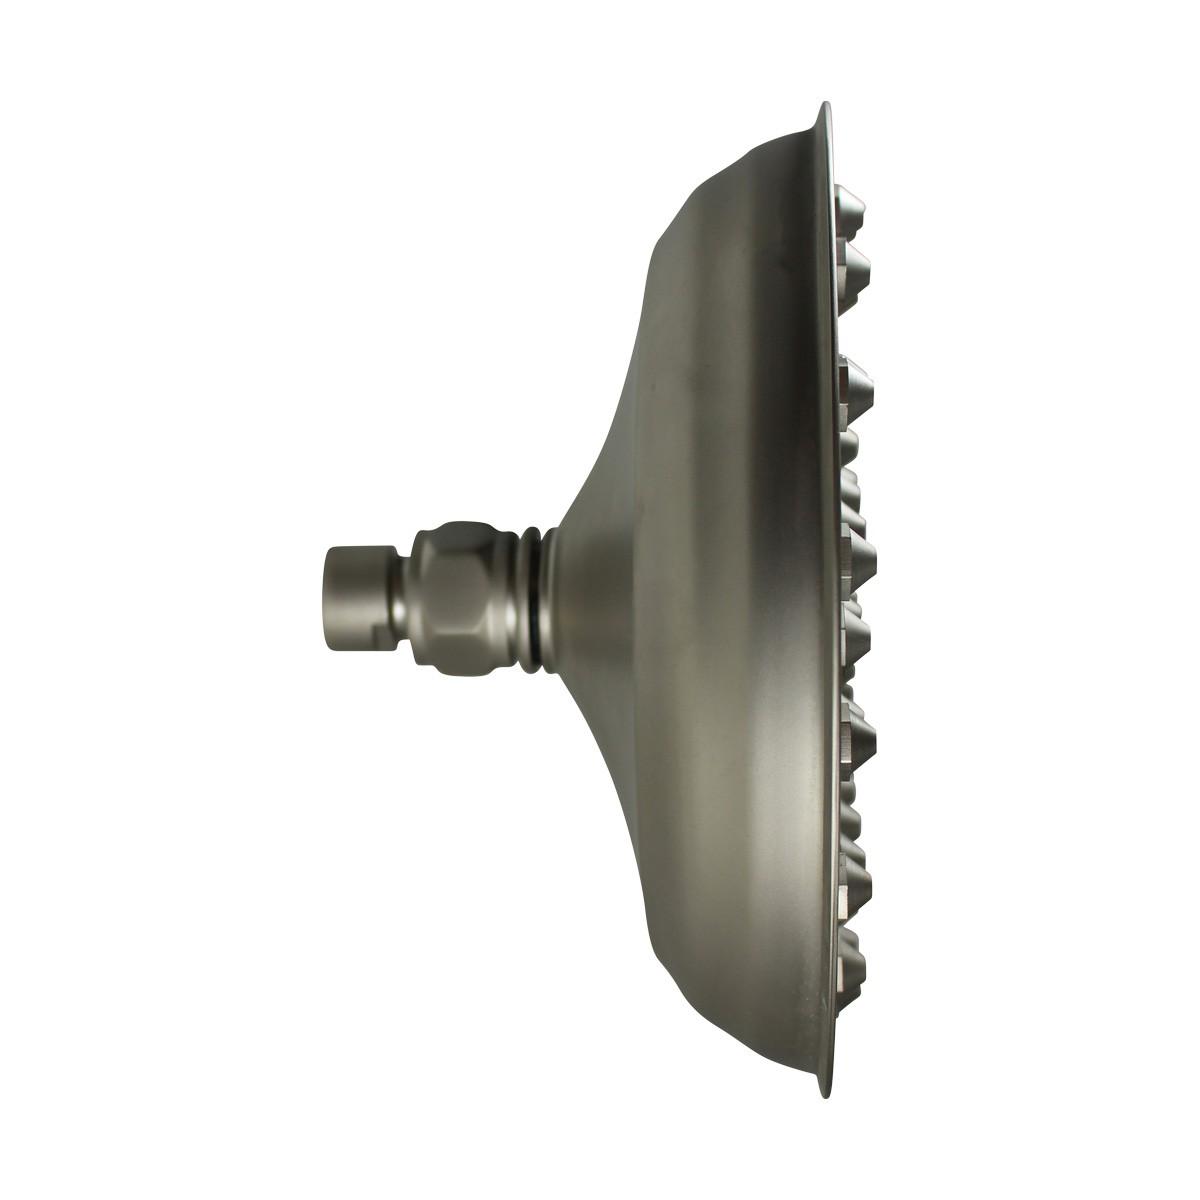 Shower Heads Satin Nickel 45 Fine Mist Jets Wall Mount Shower Head Shower Heads Bath Shower Head